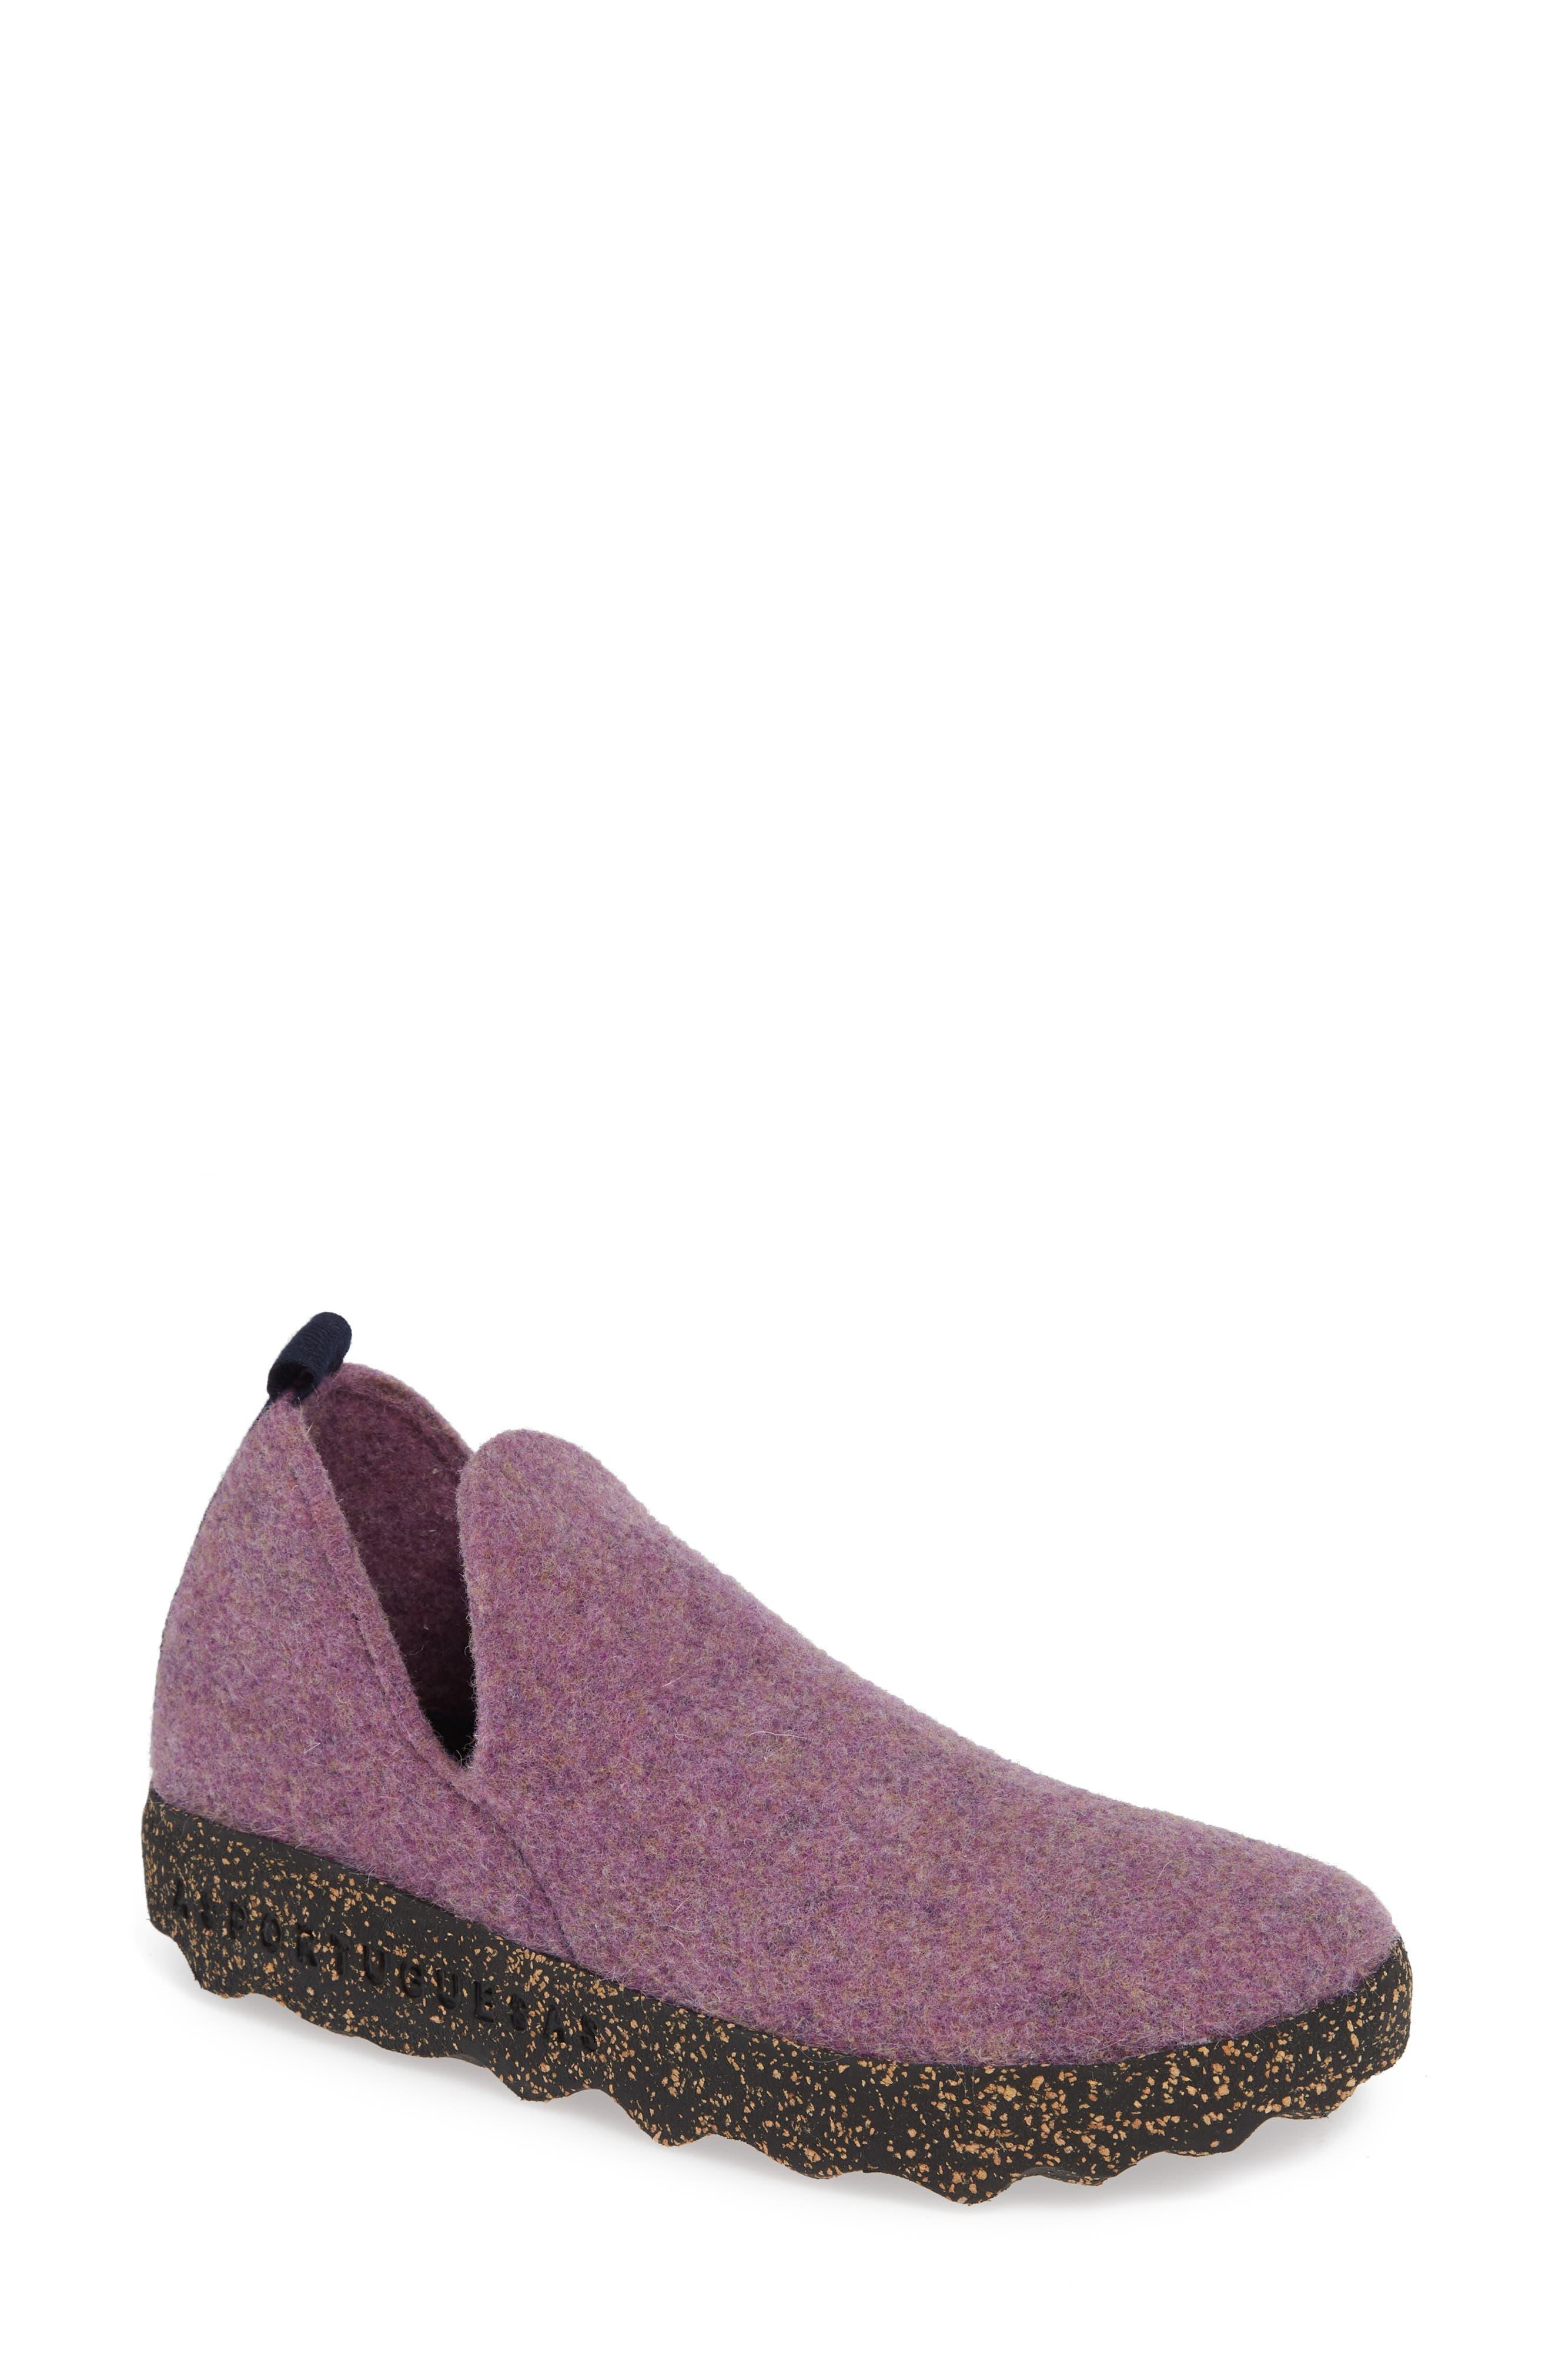 Asportuguesas By Fly London City Sneaker - Purple